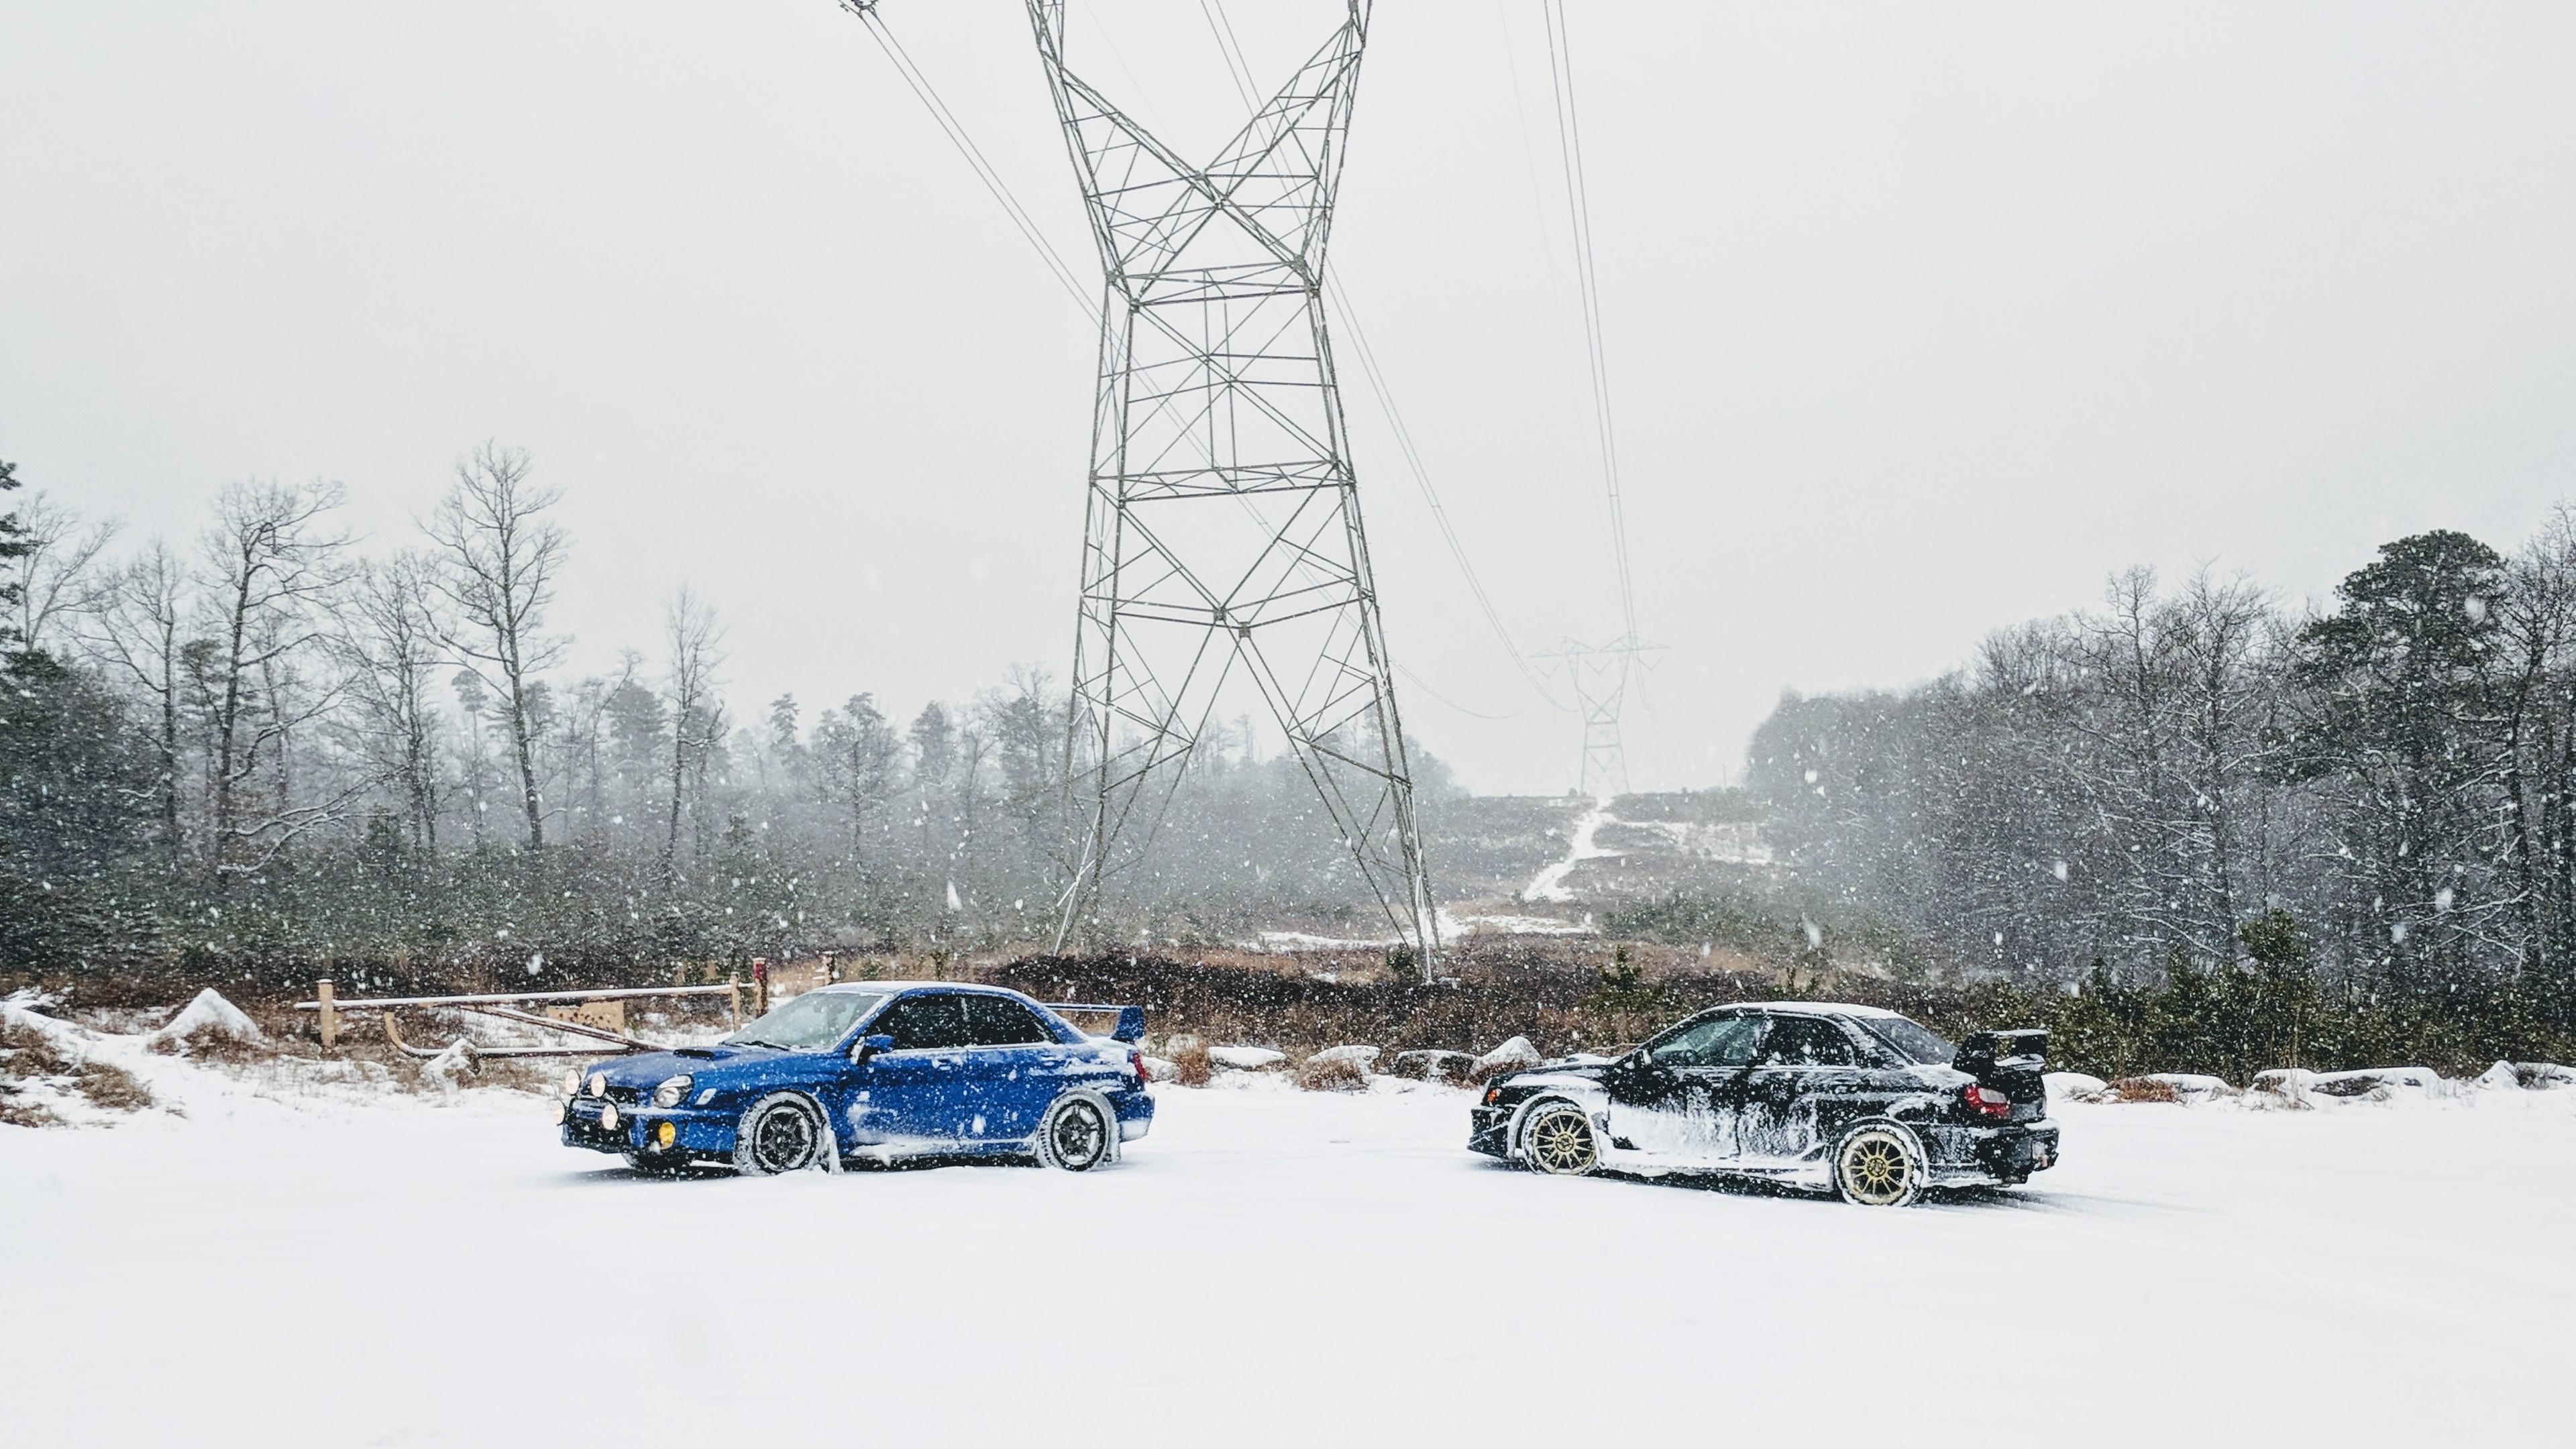 snowy subarus car 1539109437 - Snowy Subarus Car - subaru wallpapers, snow wallpapers, hd-wallpapers, cars wallpapers, 4k-wallpapers